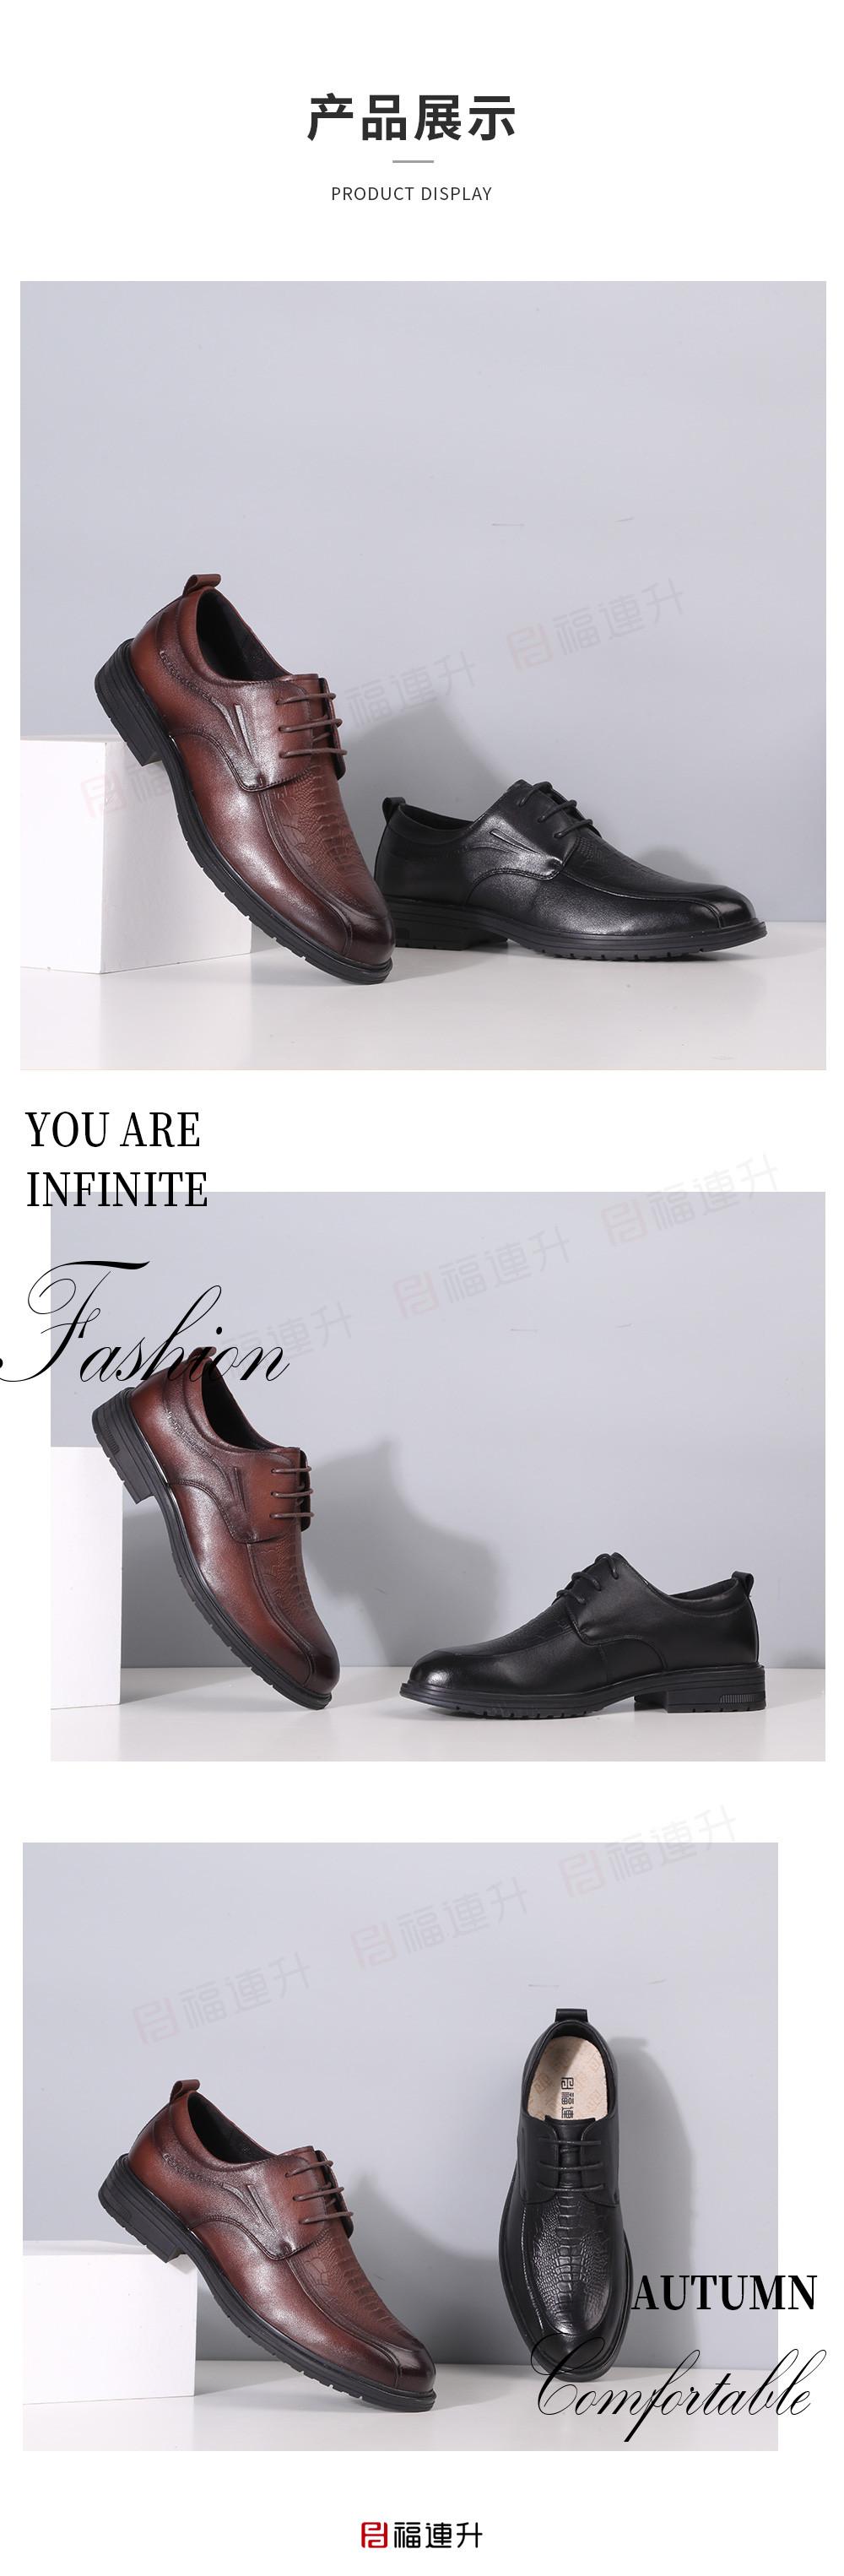 福连升商务休闲男鞋舒适印花英伦系带正装皮鞋图片